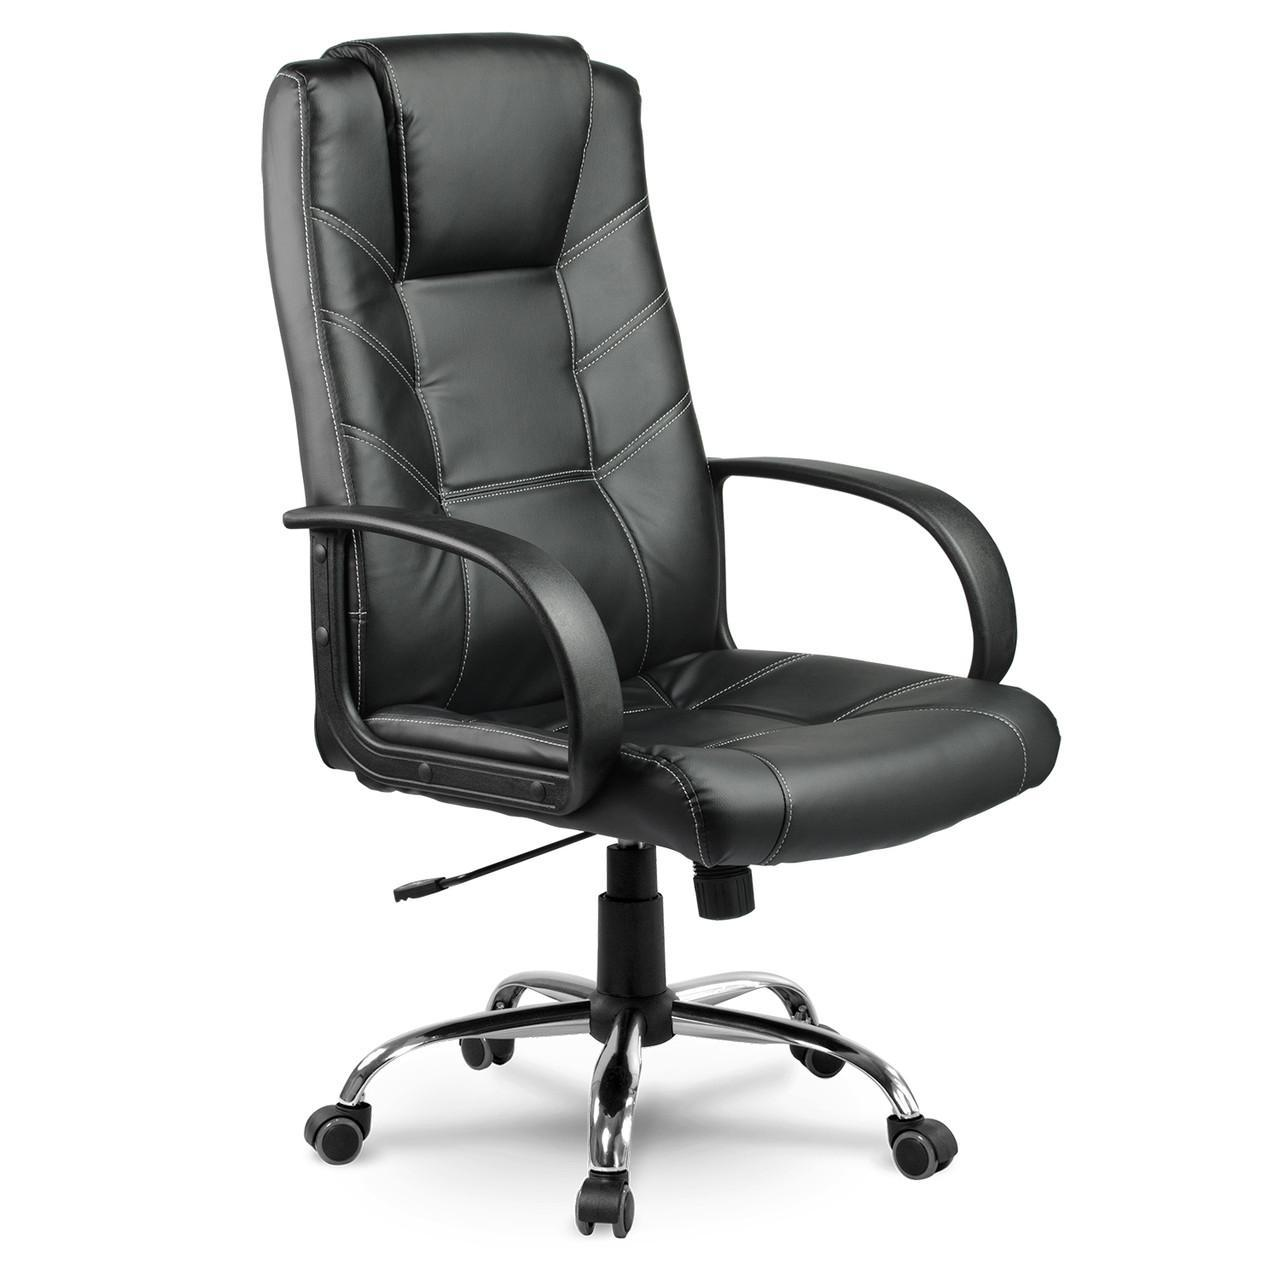 Кожаное офисное кресло Eago EG-221 чёрное